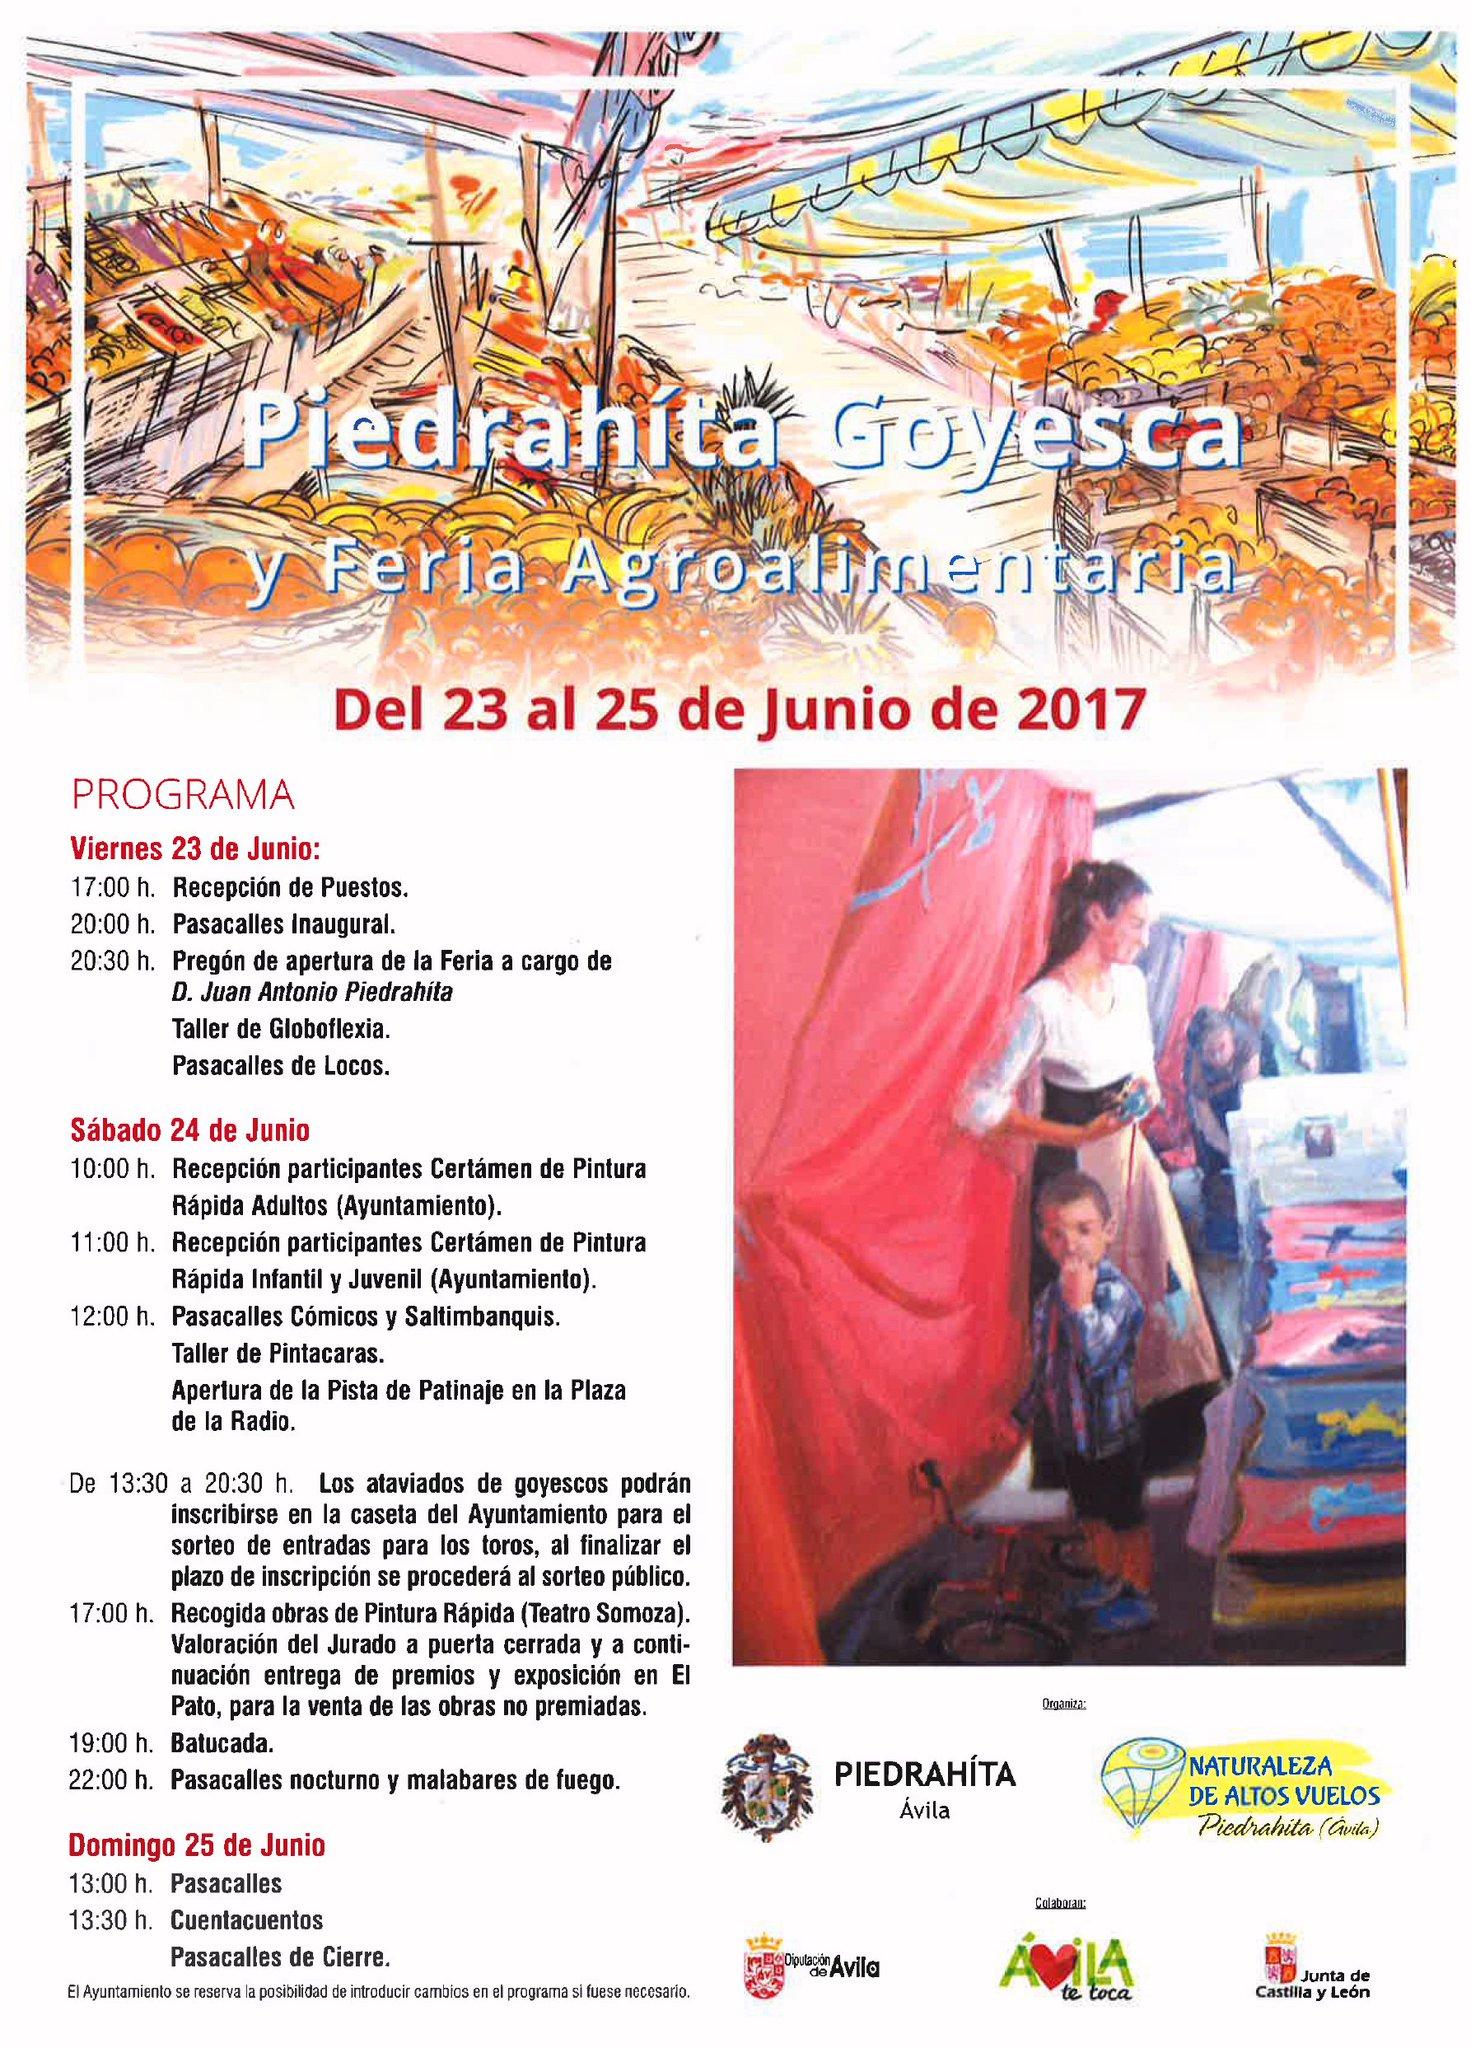 Piedrahita Goyesca 2017